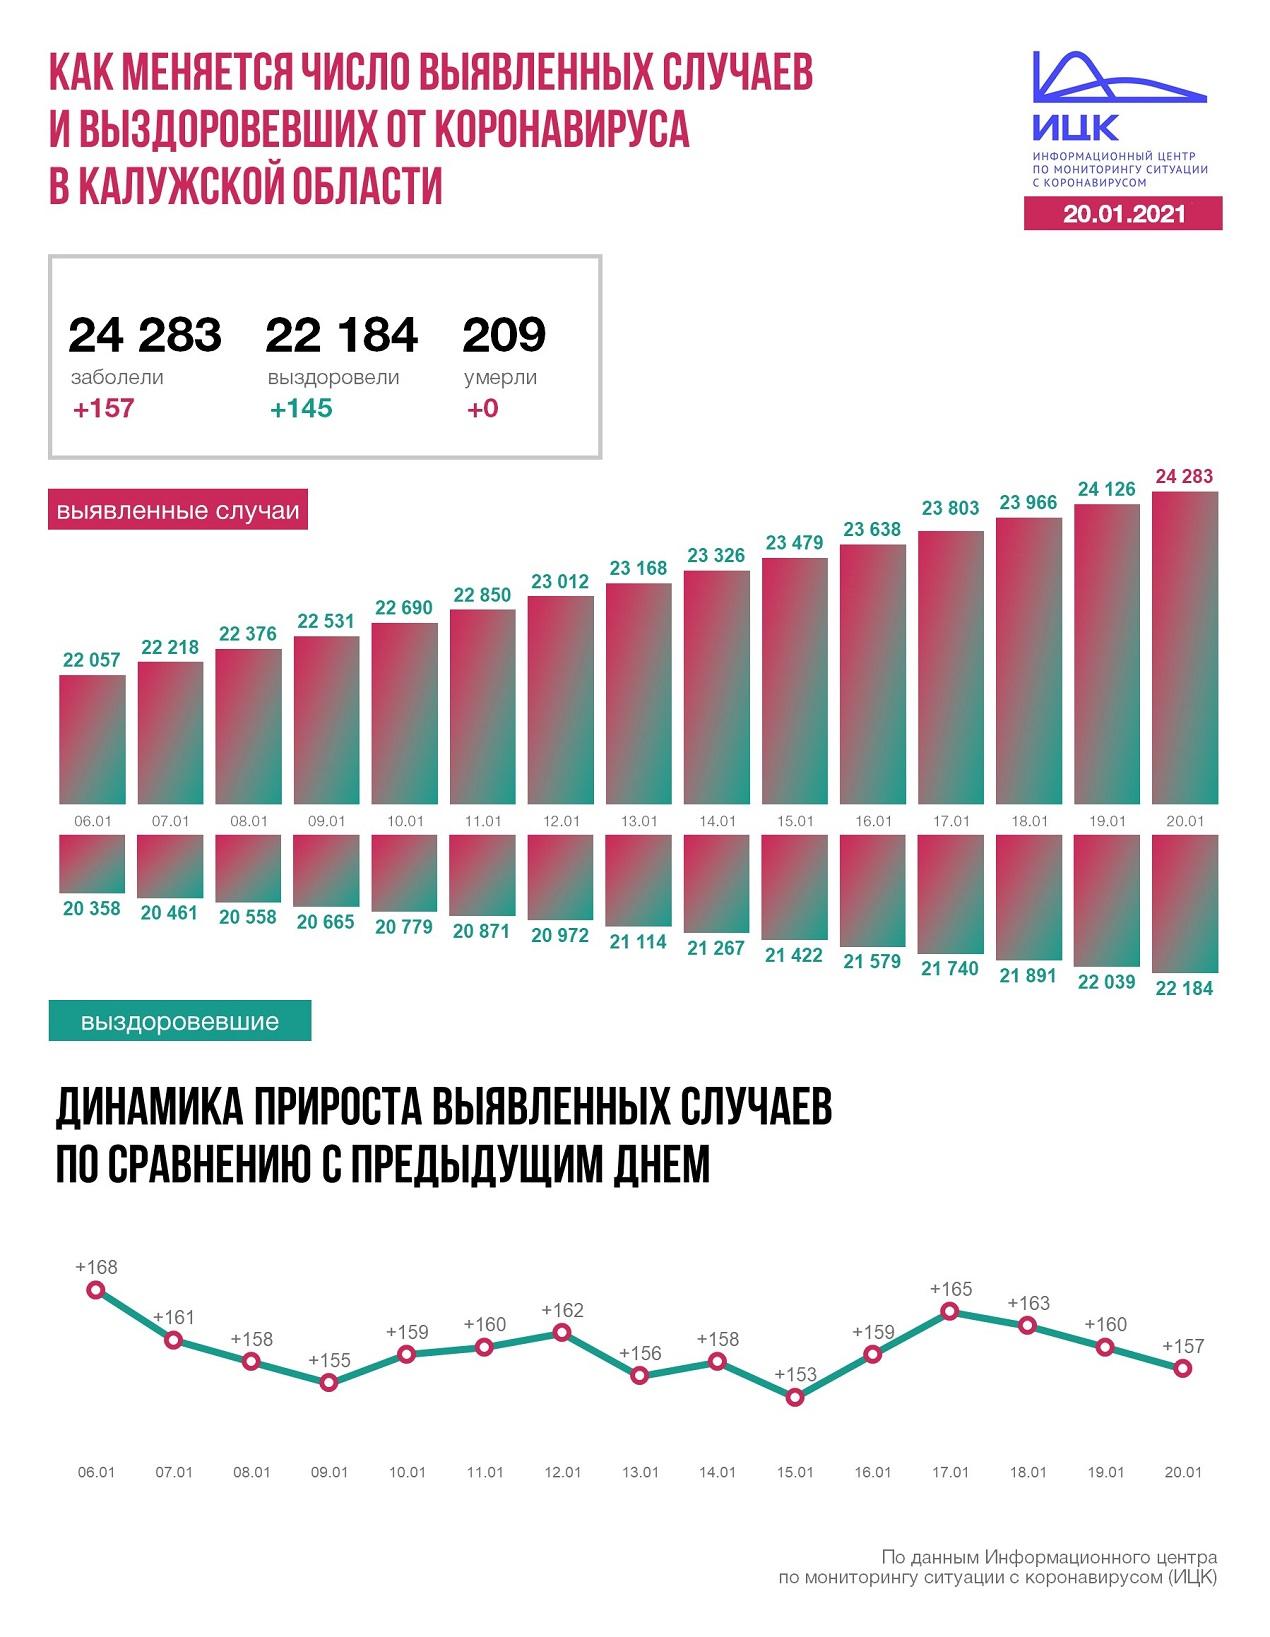 Официальные данные по коронавирусу в Калужской области на 20 января 2021 года.